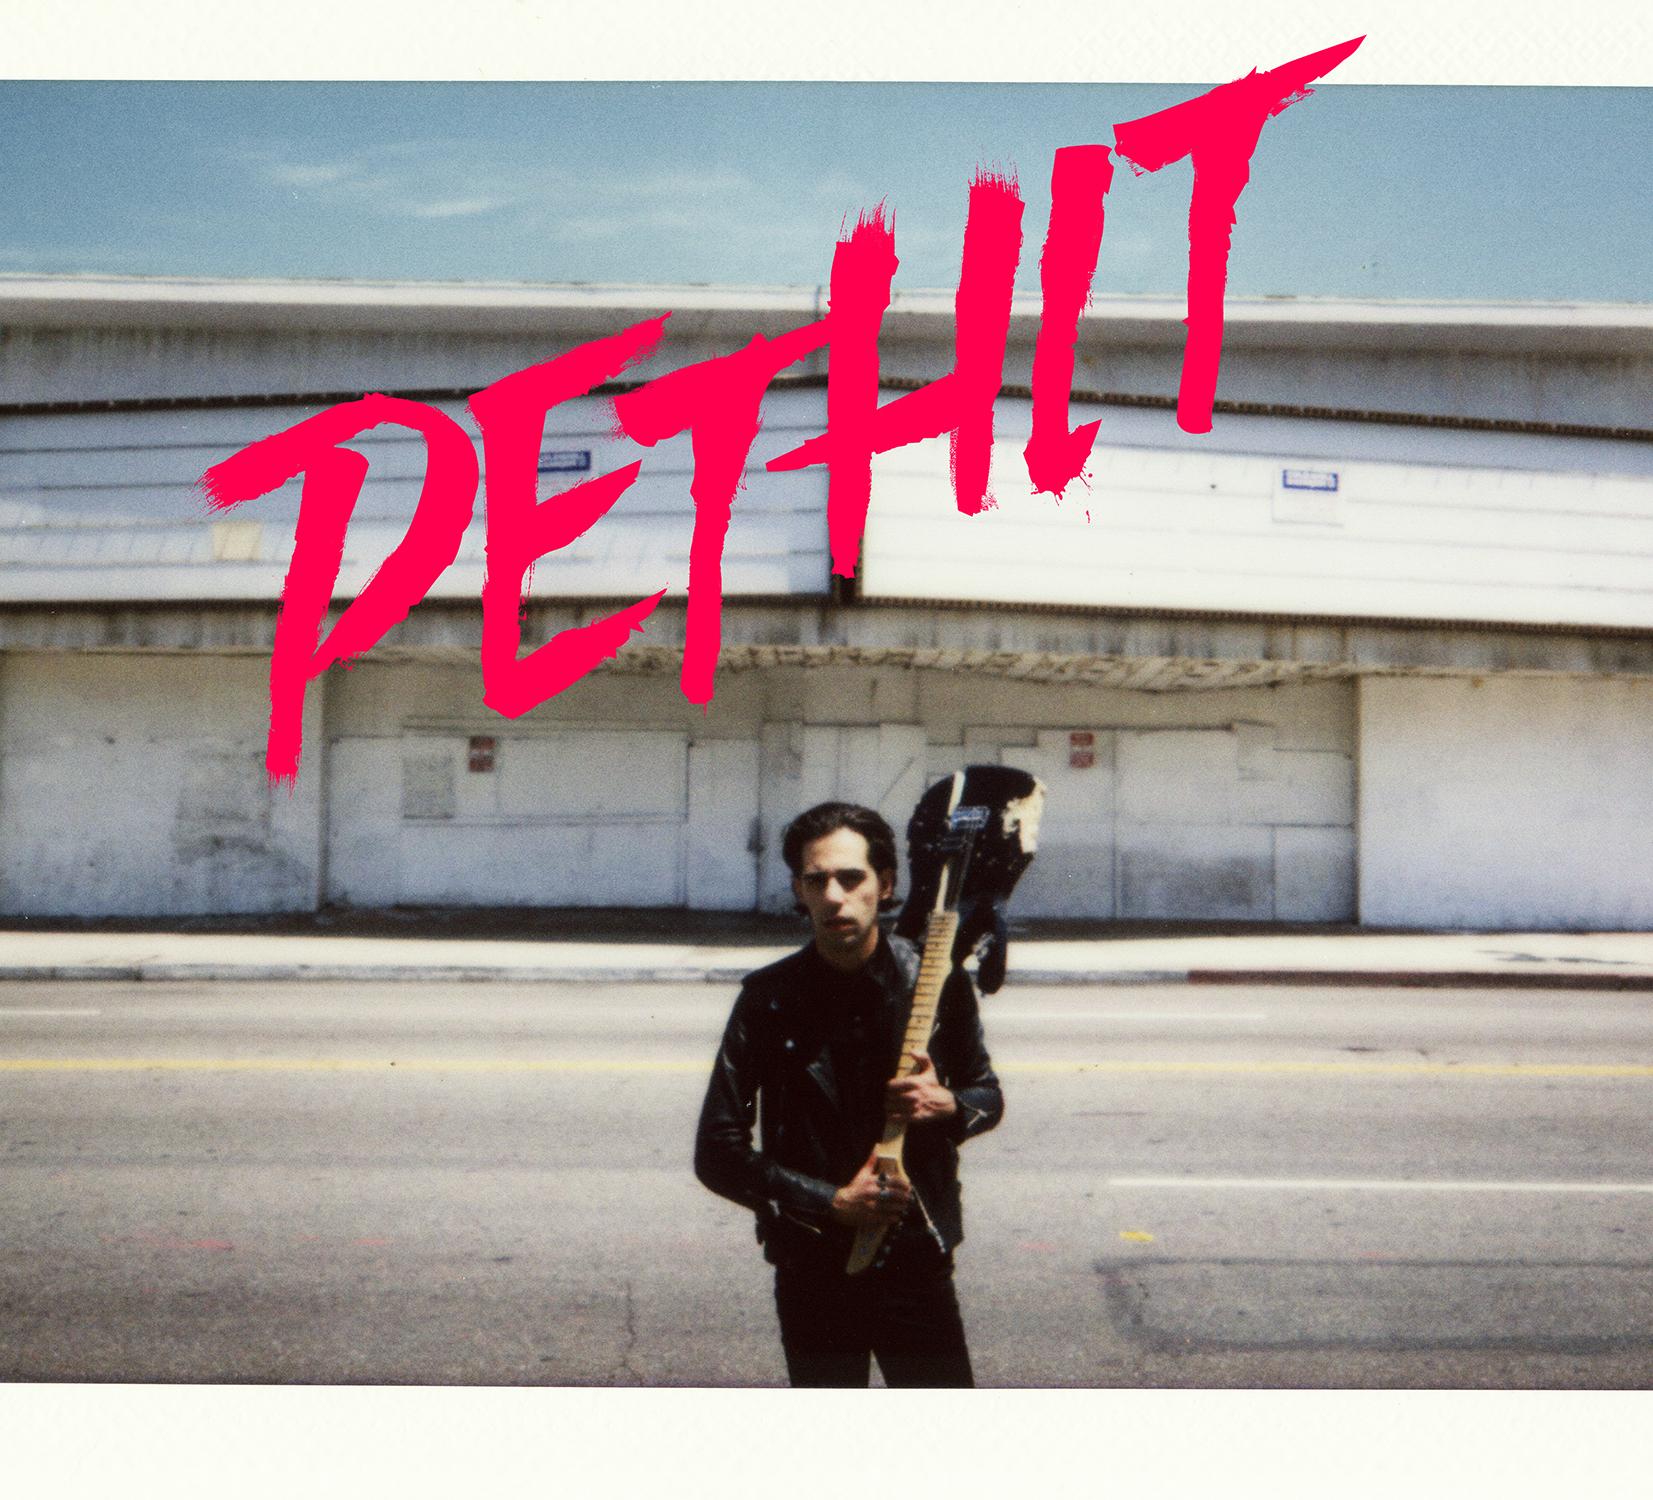 """THIAGO PETHIT MOSTRA SEU CANDY ROCK ABUSADO EM """"ROCK'N'ROLL SUGAR DARLING"""""""